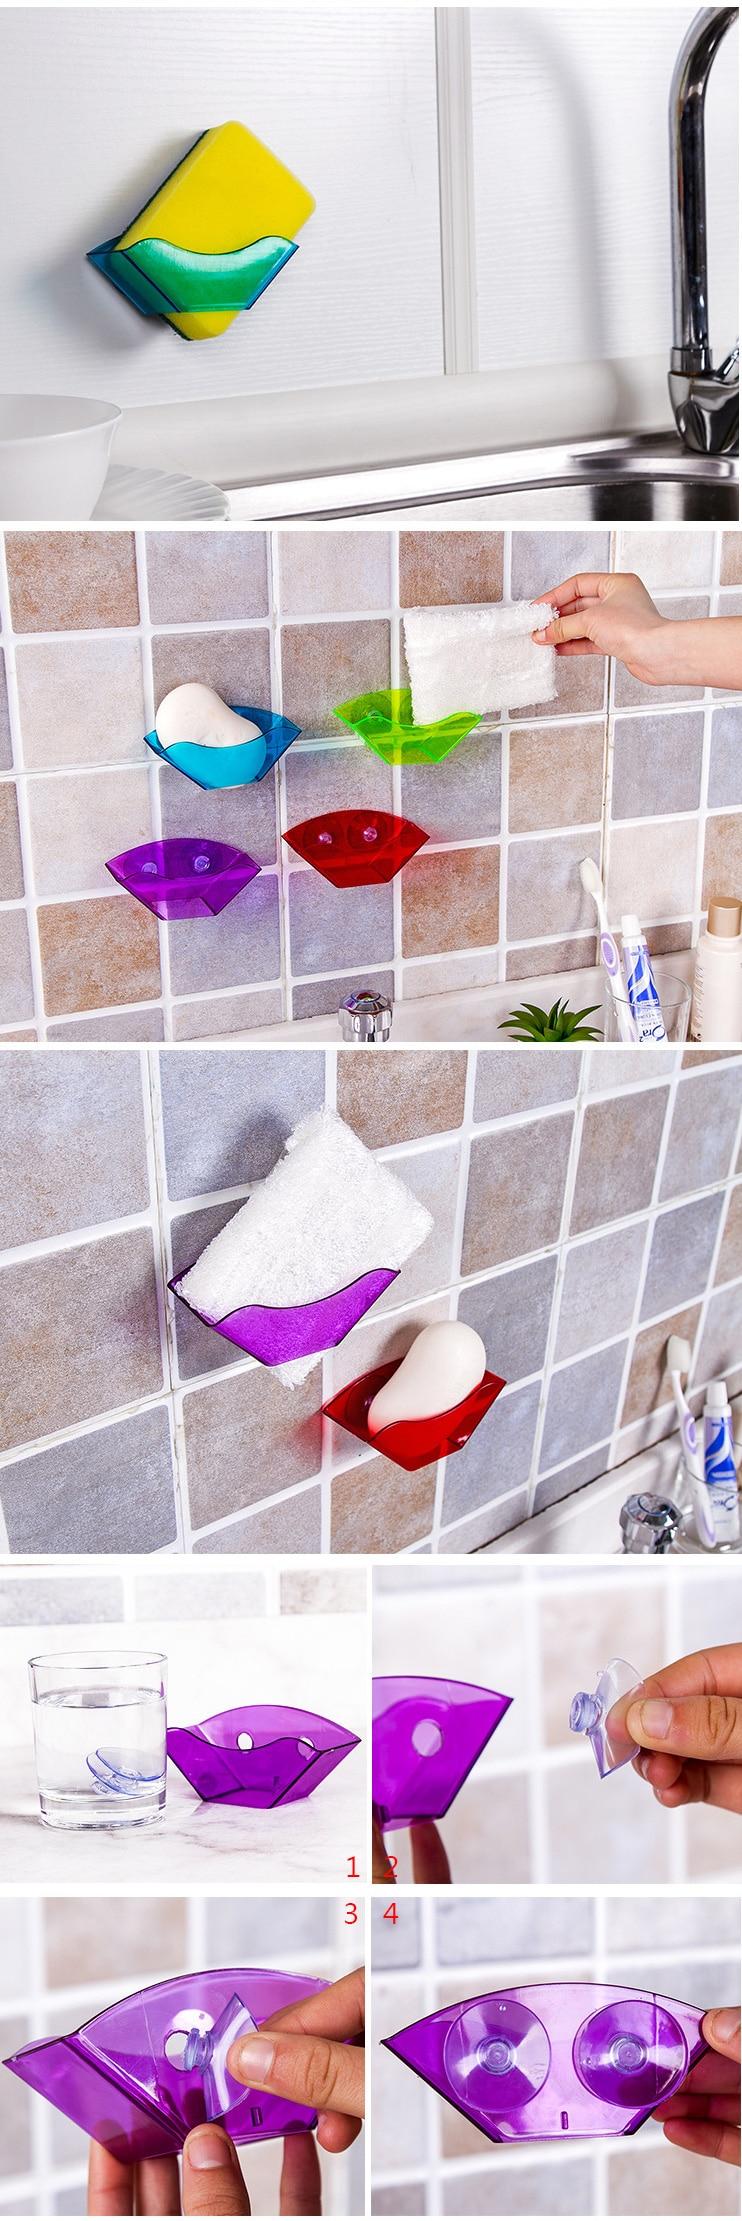 浴室收纳架_02